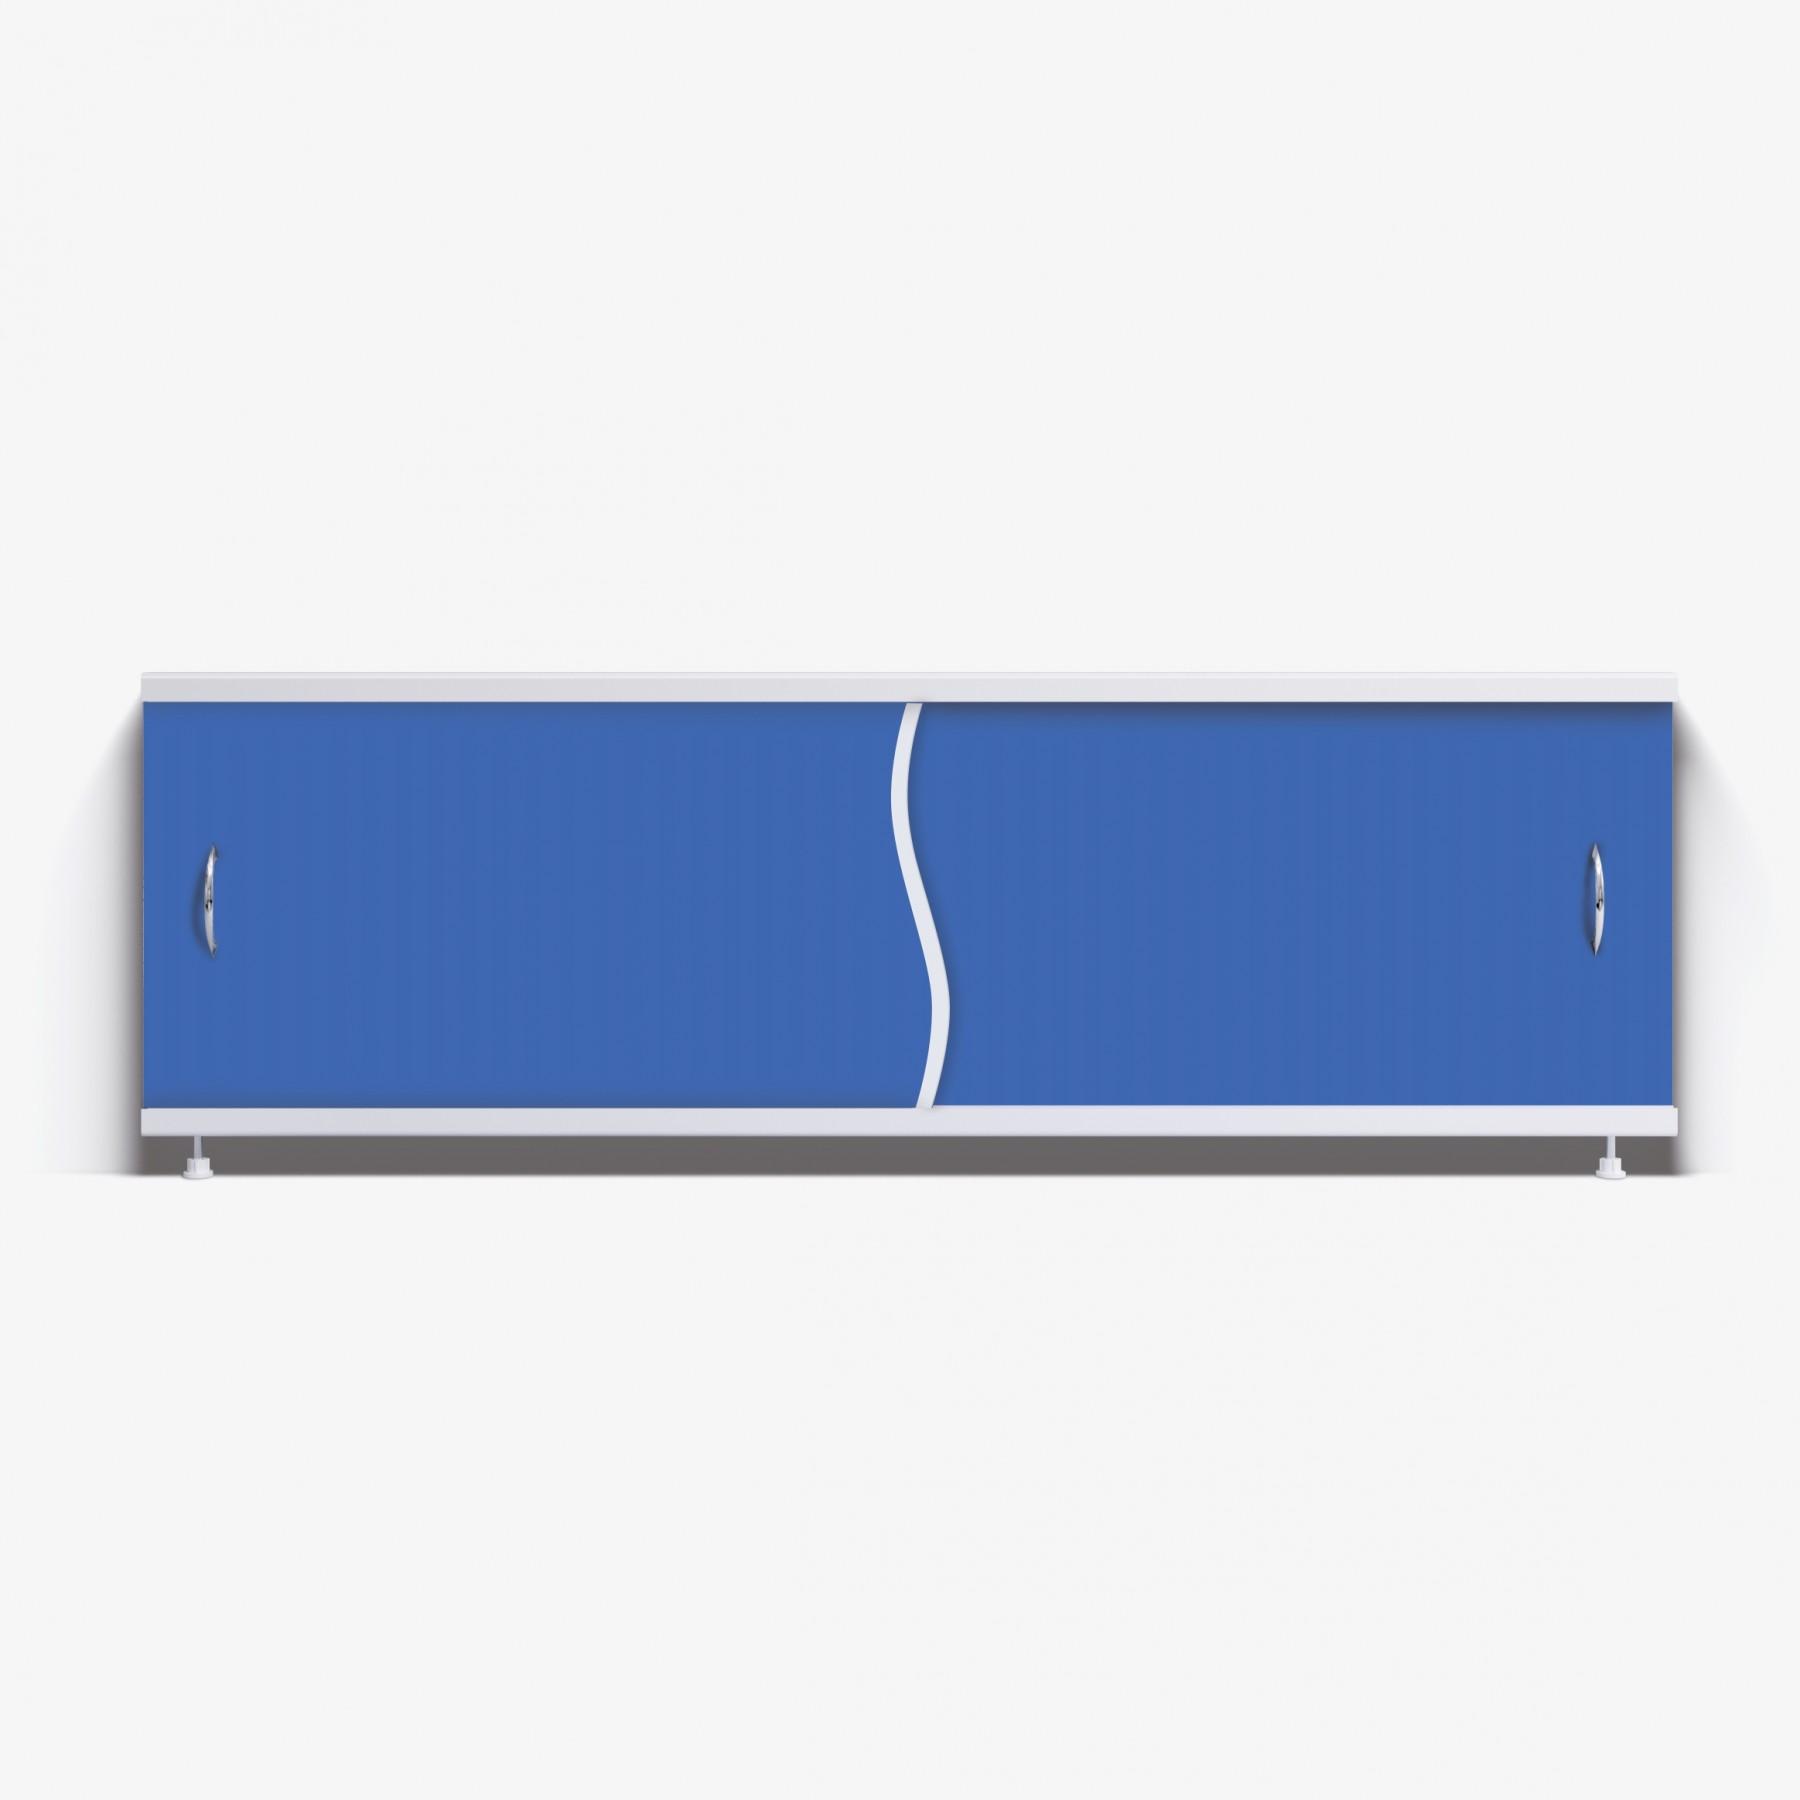 Экран под ванну Премьер 170 синий